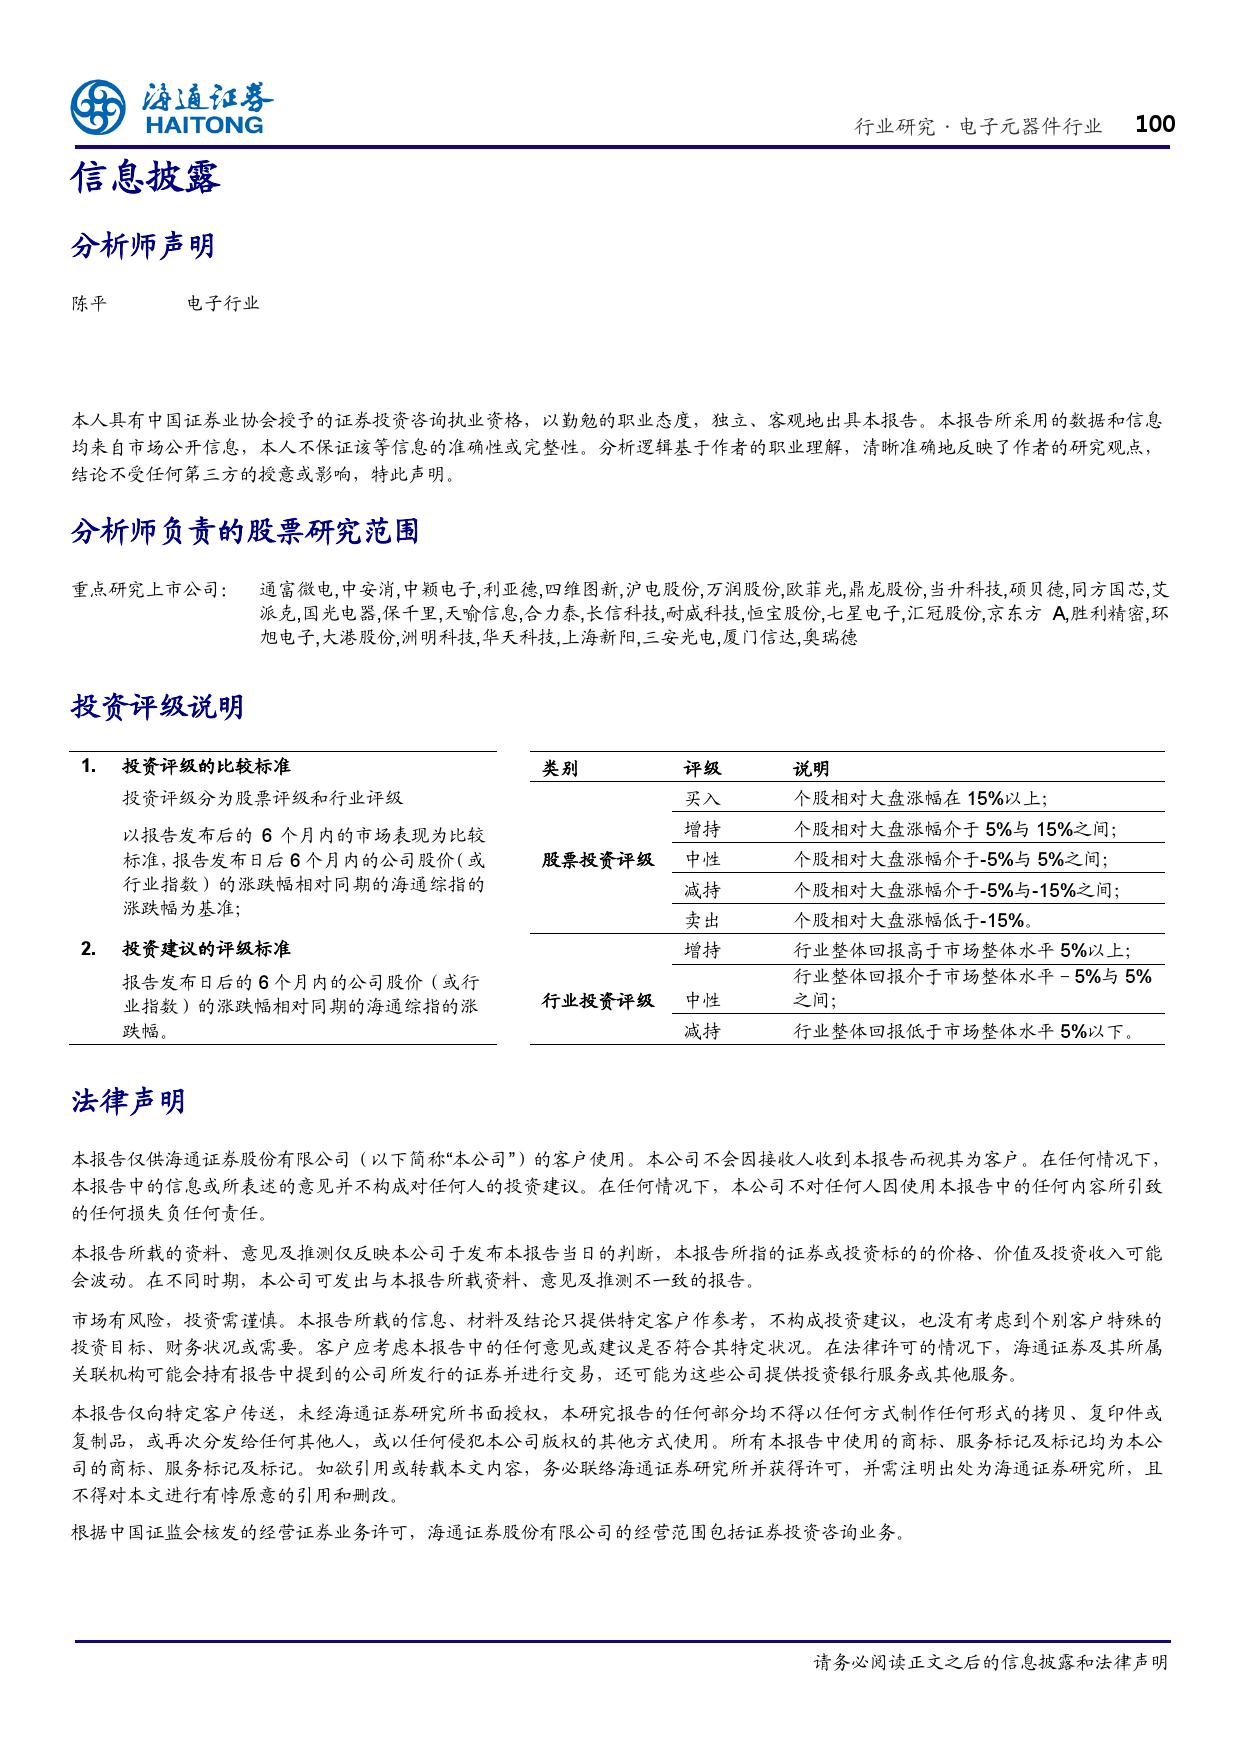 报告全解传感器全球产业链_000100